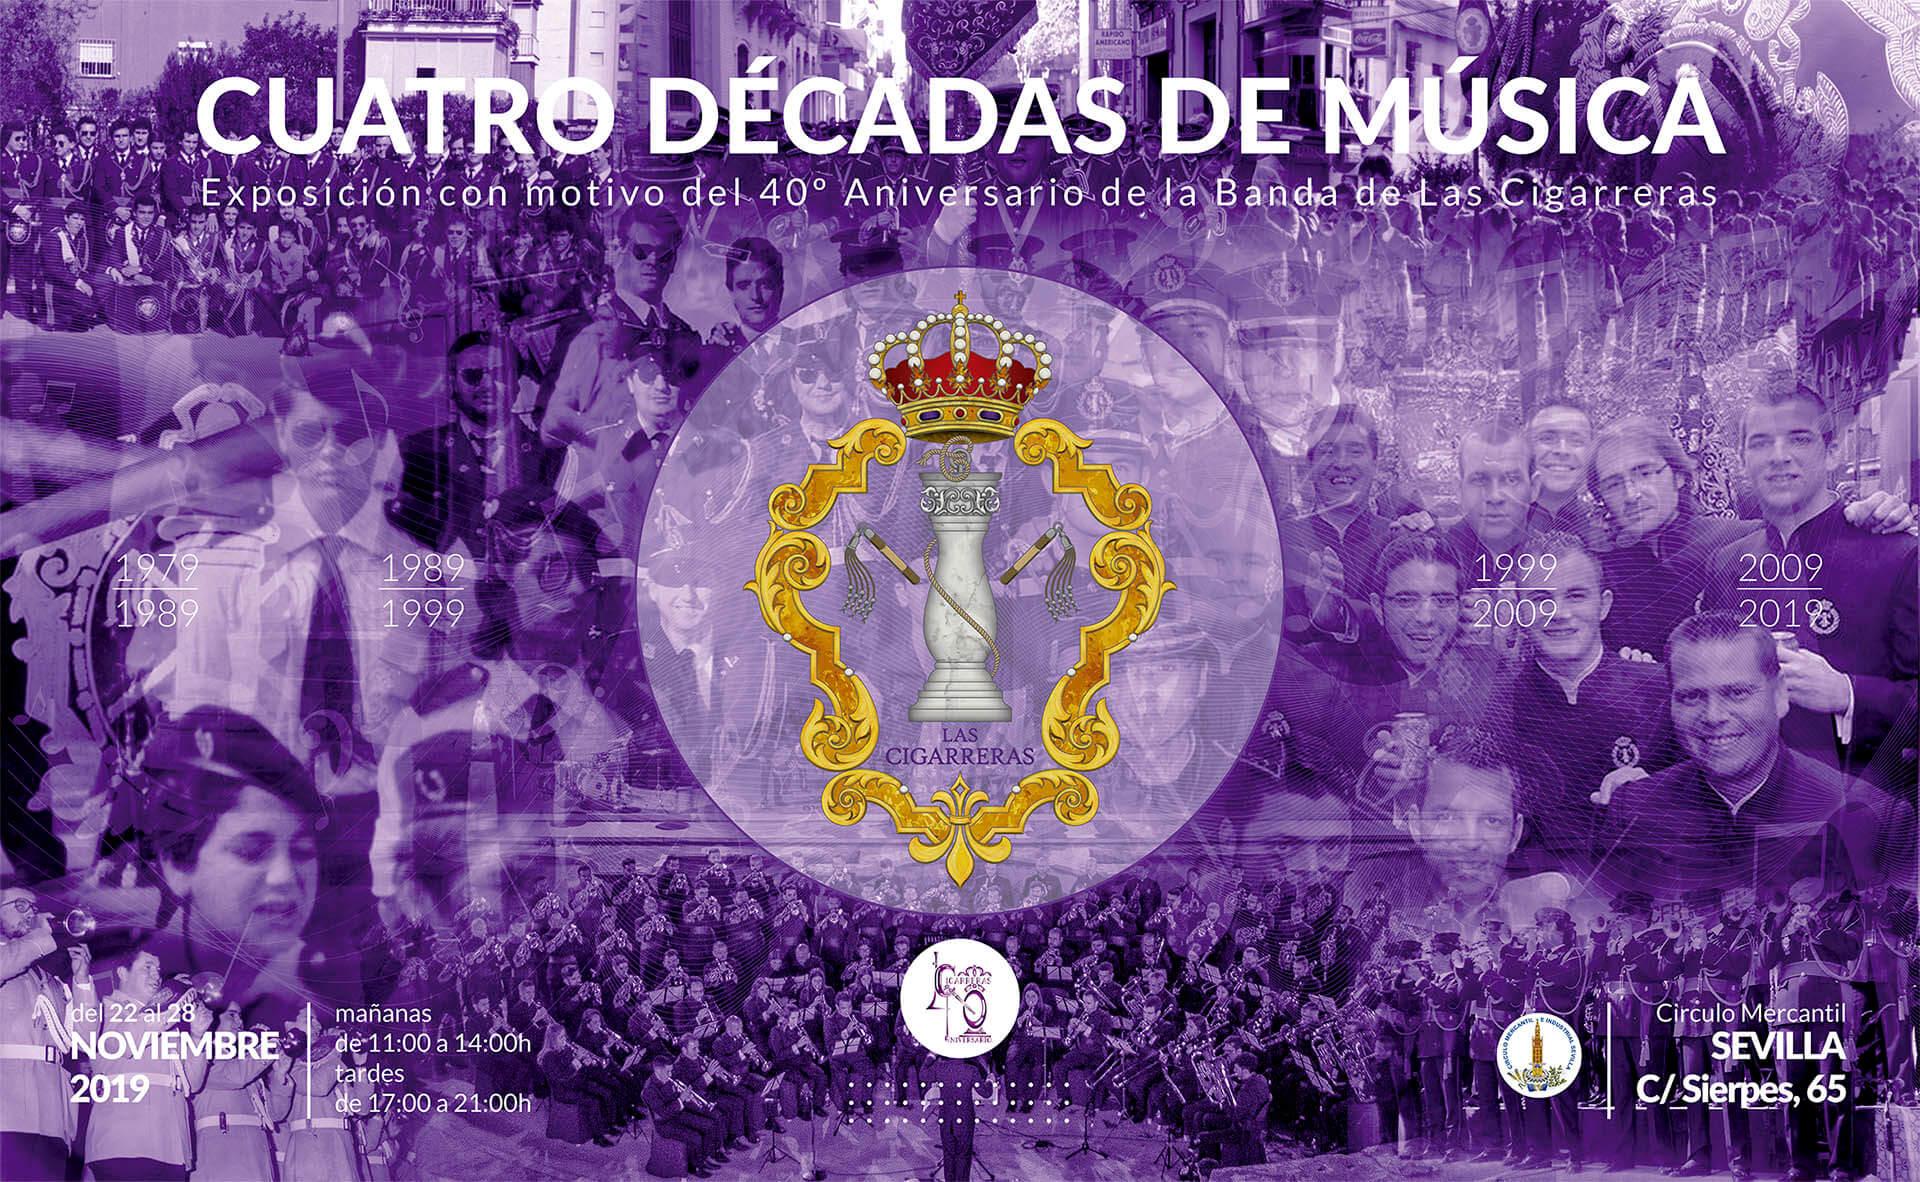 """Cartel de la exposición """"Las Cigarreras... Cuatro décadas de música"""""""